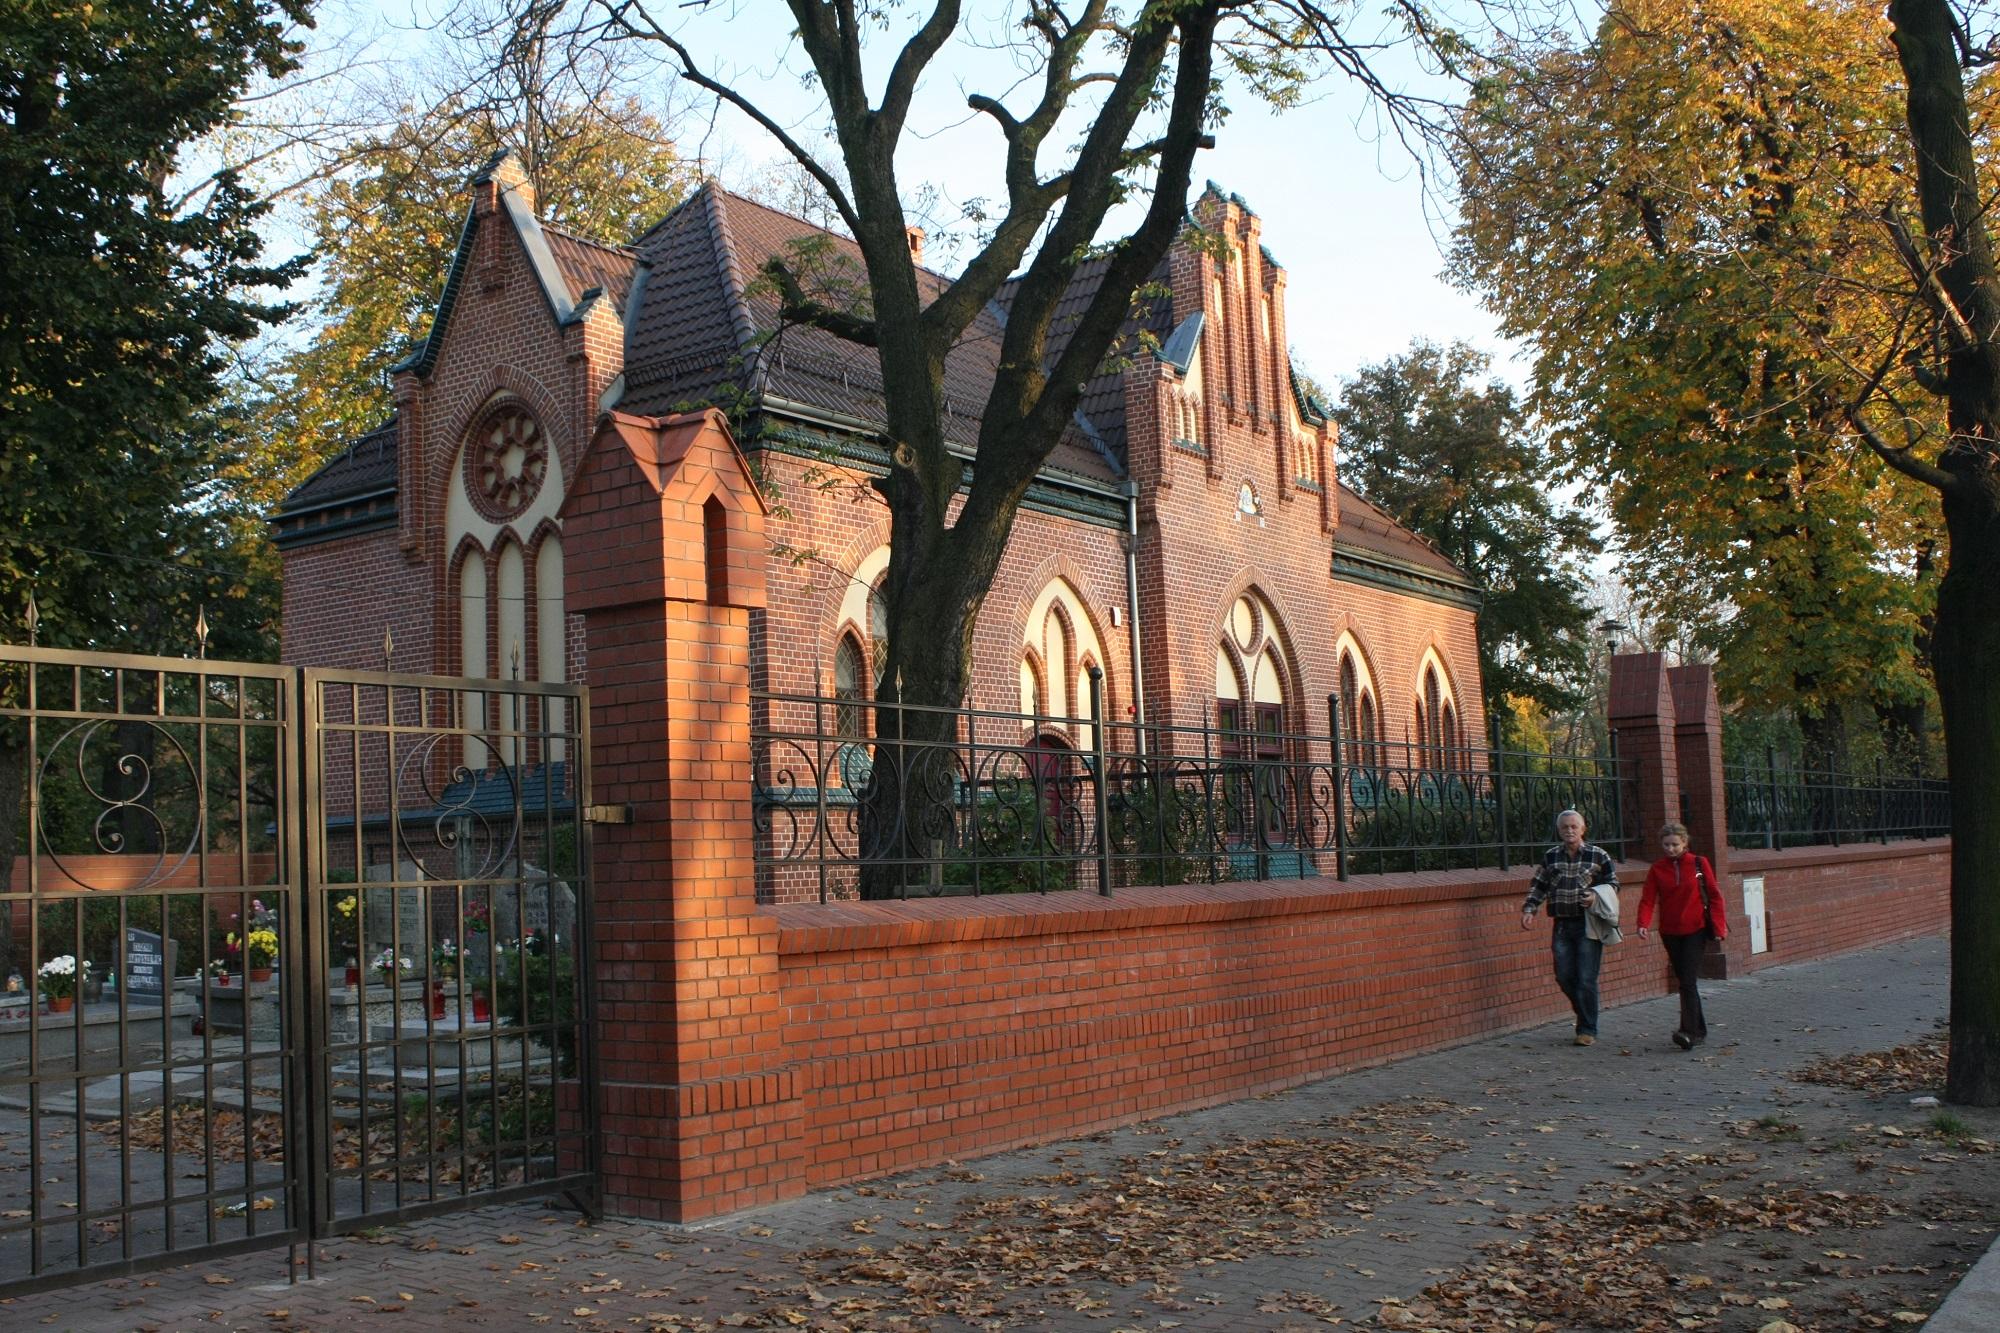 budynek przy Cmentarzu Lipowym